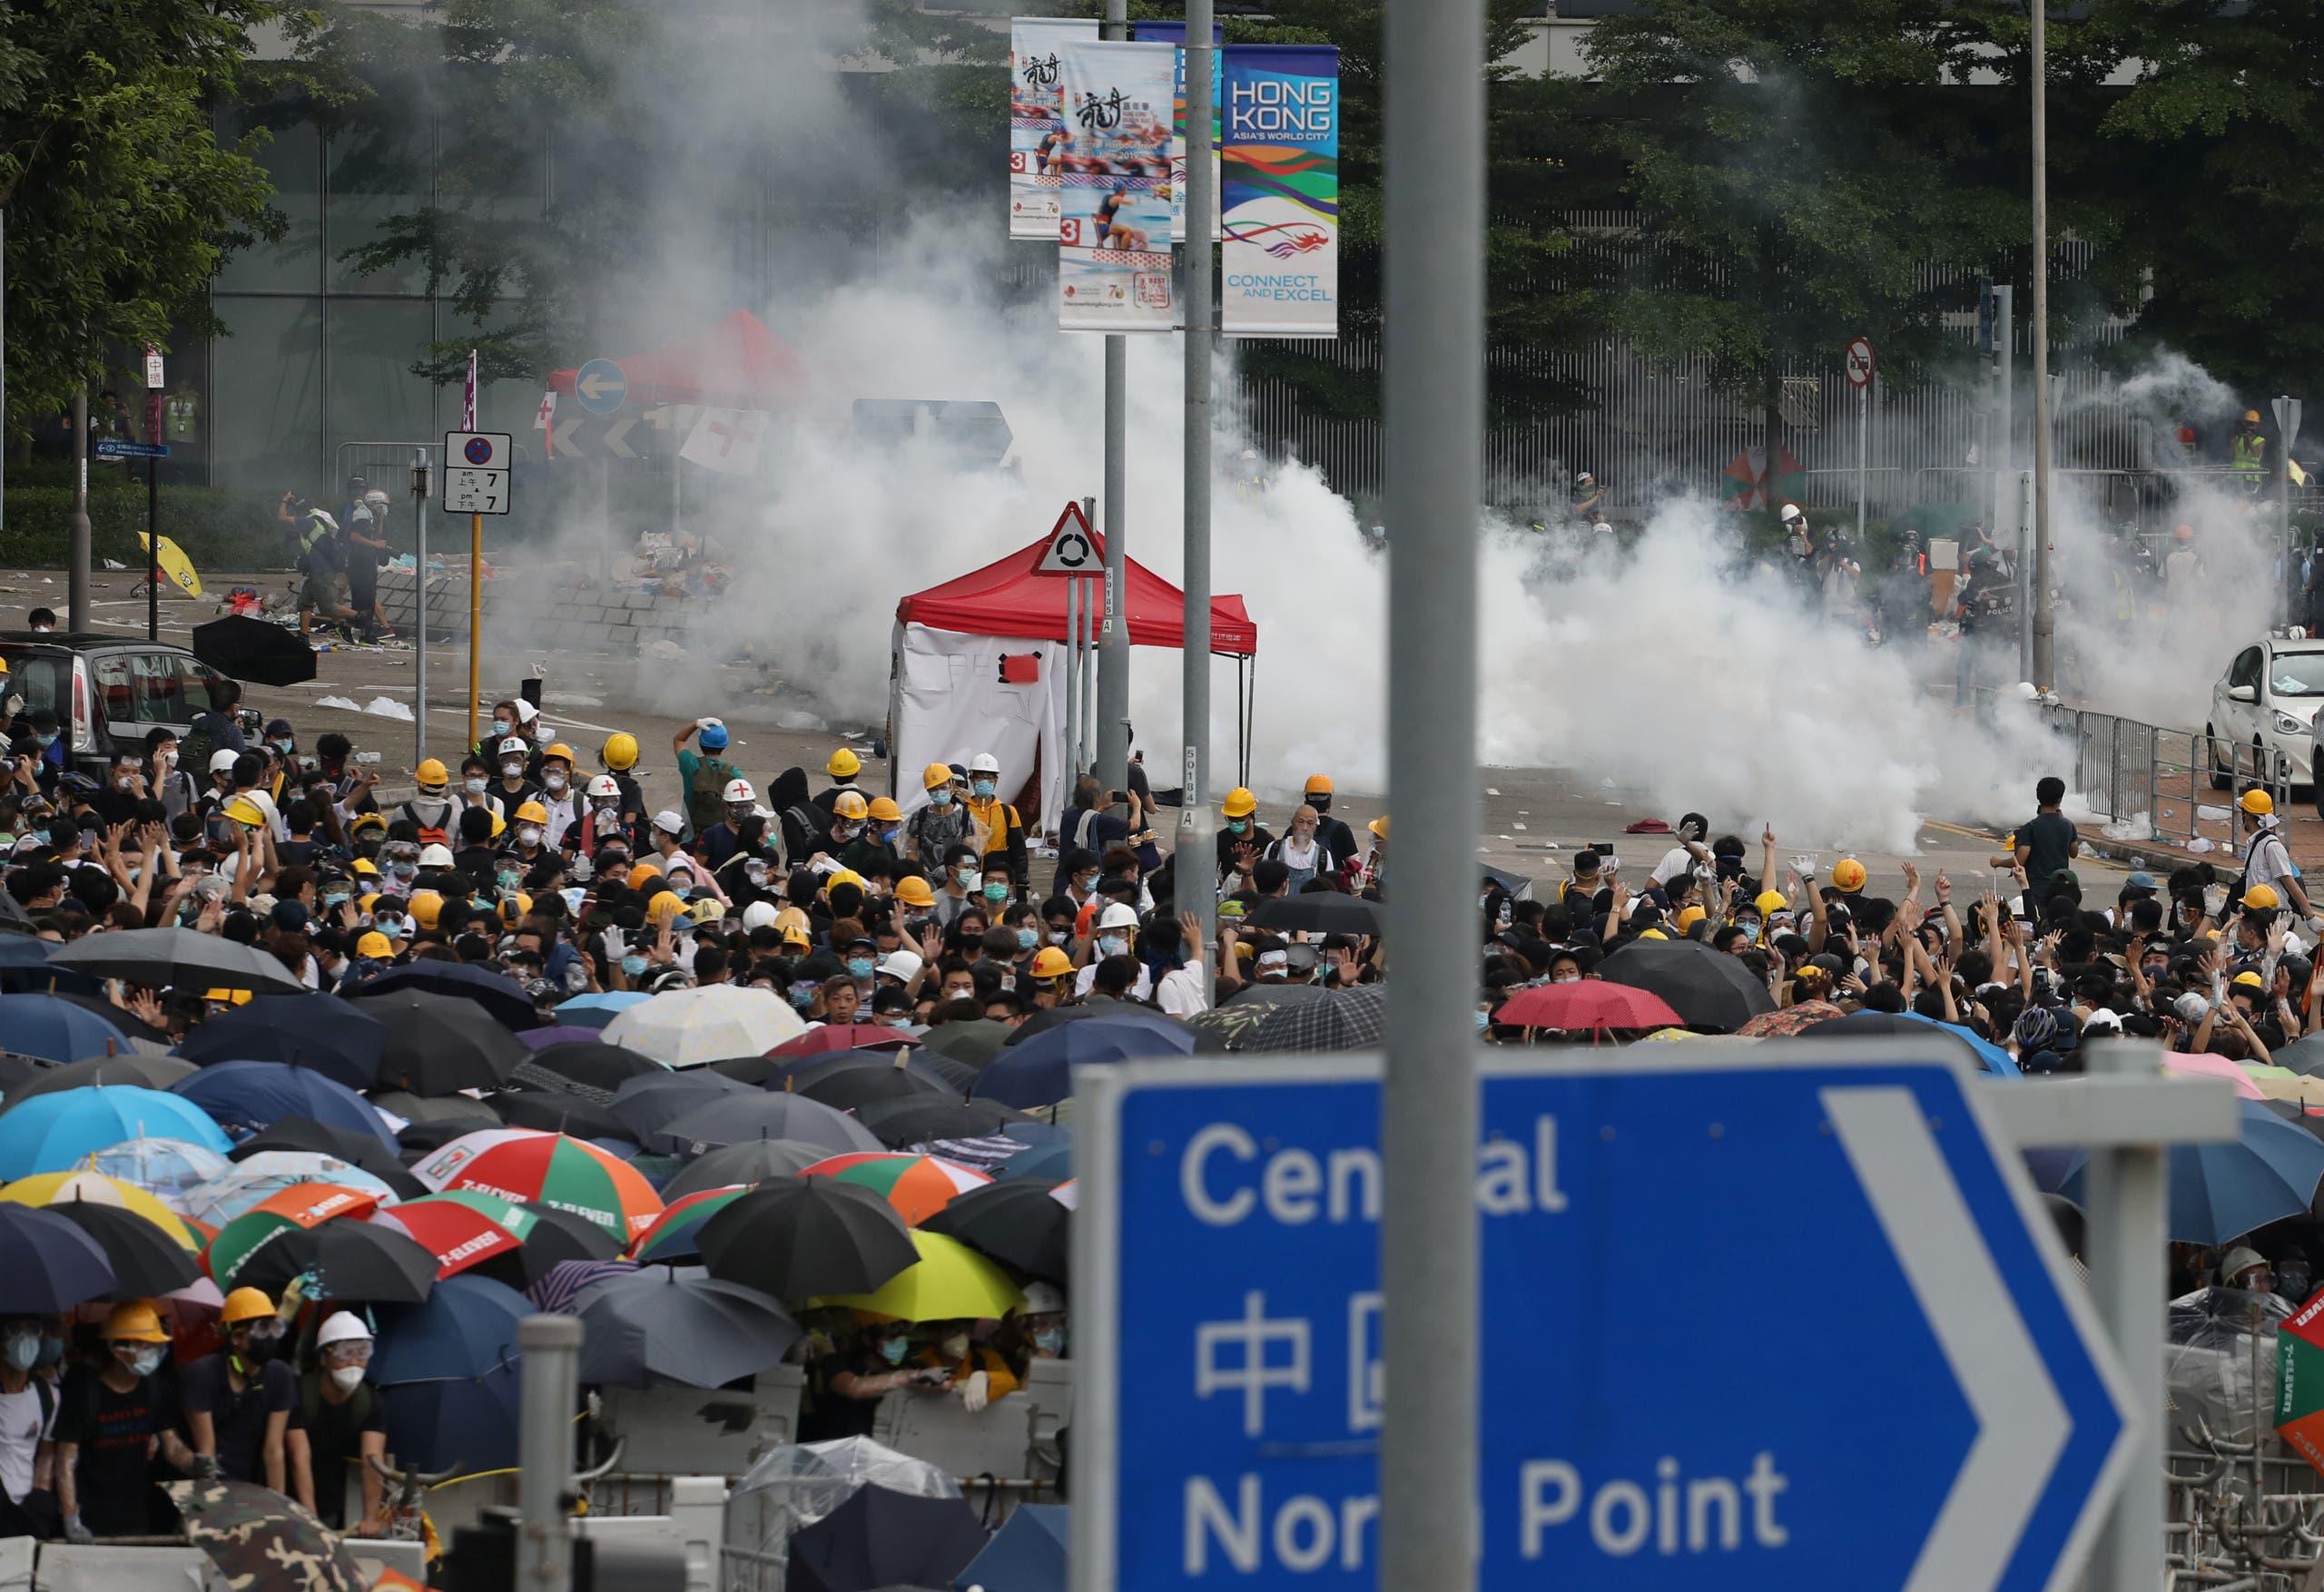 مواجهات عنيفة في شوارع هونغ كونغ